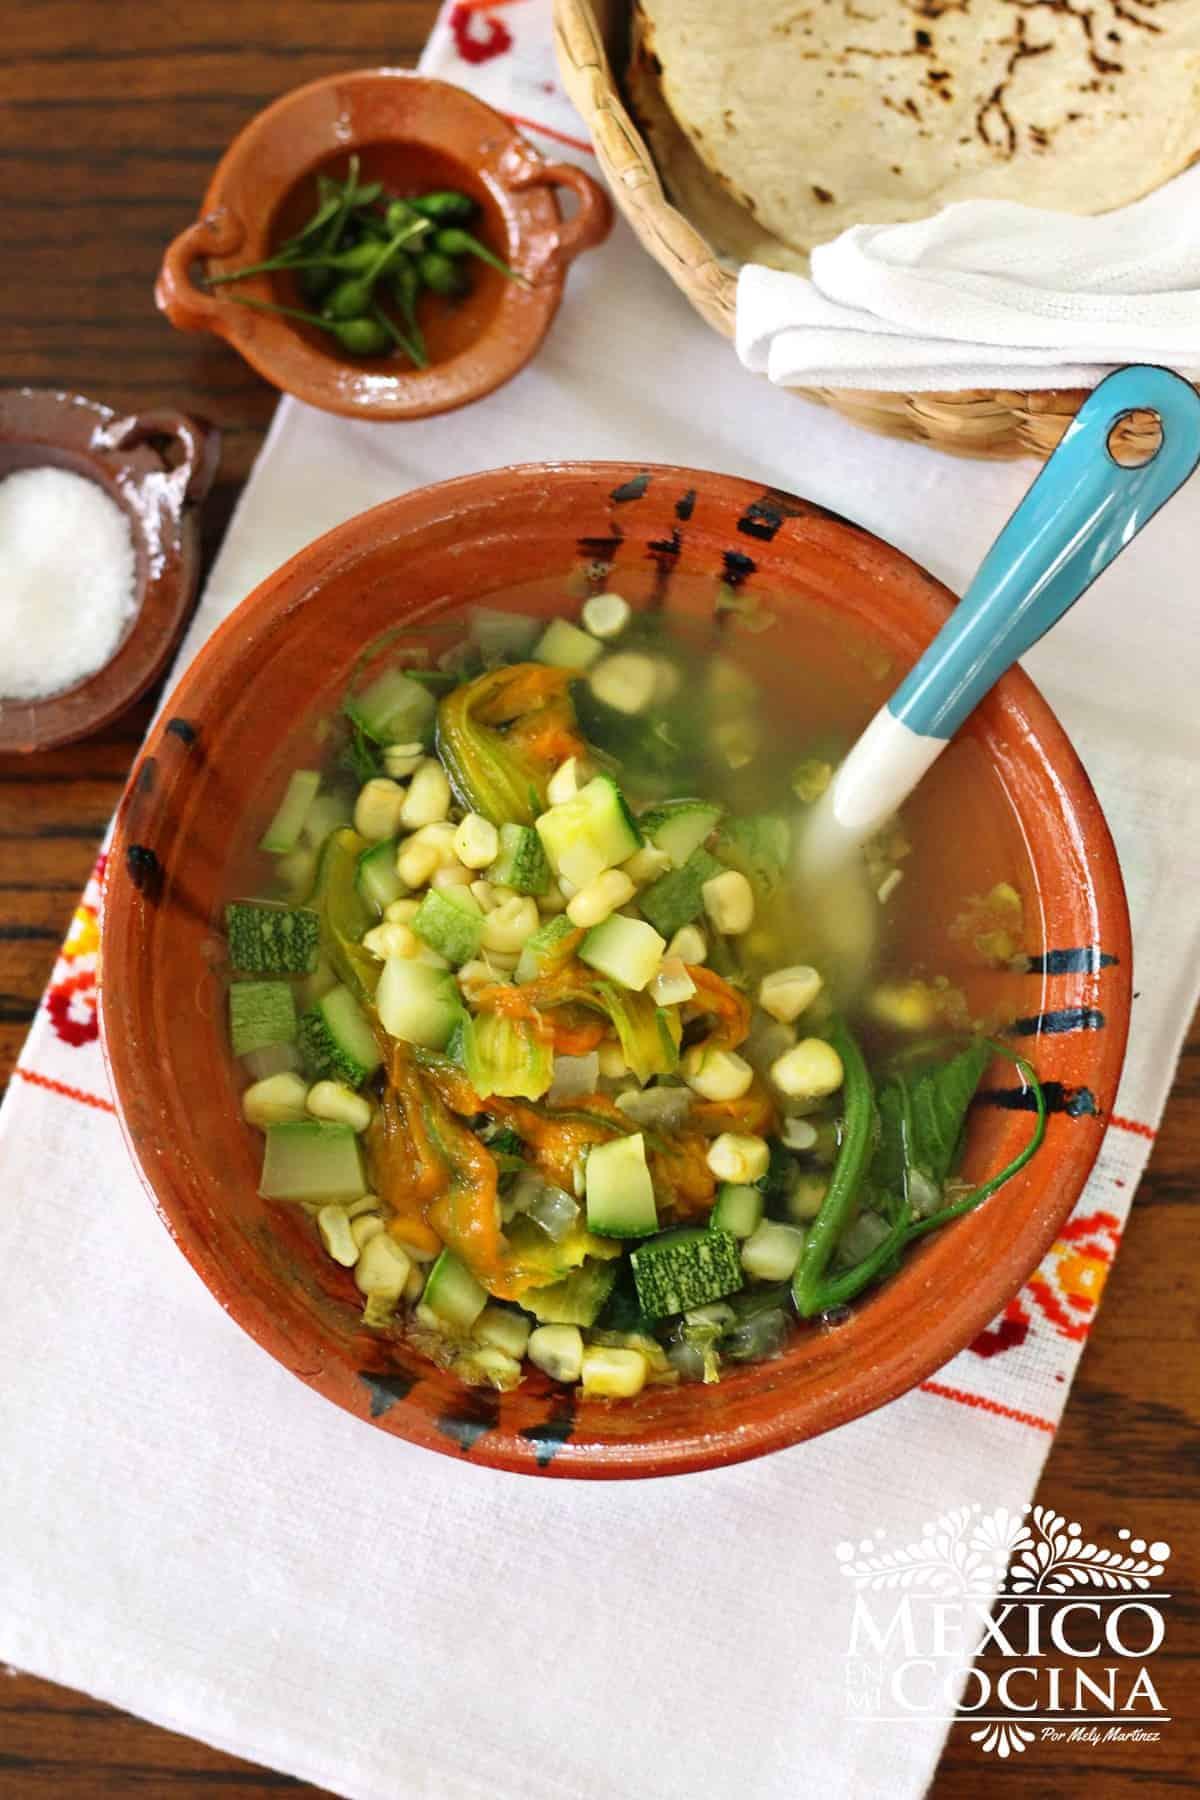 Plato de barro con sopa de guías